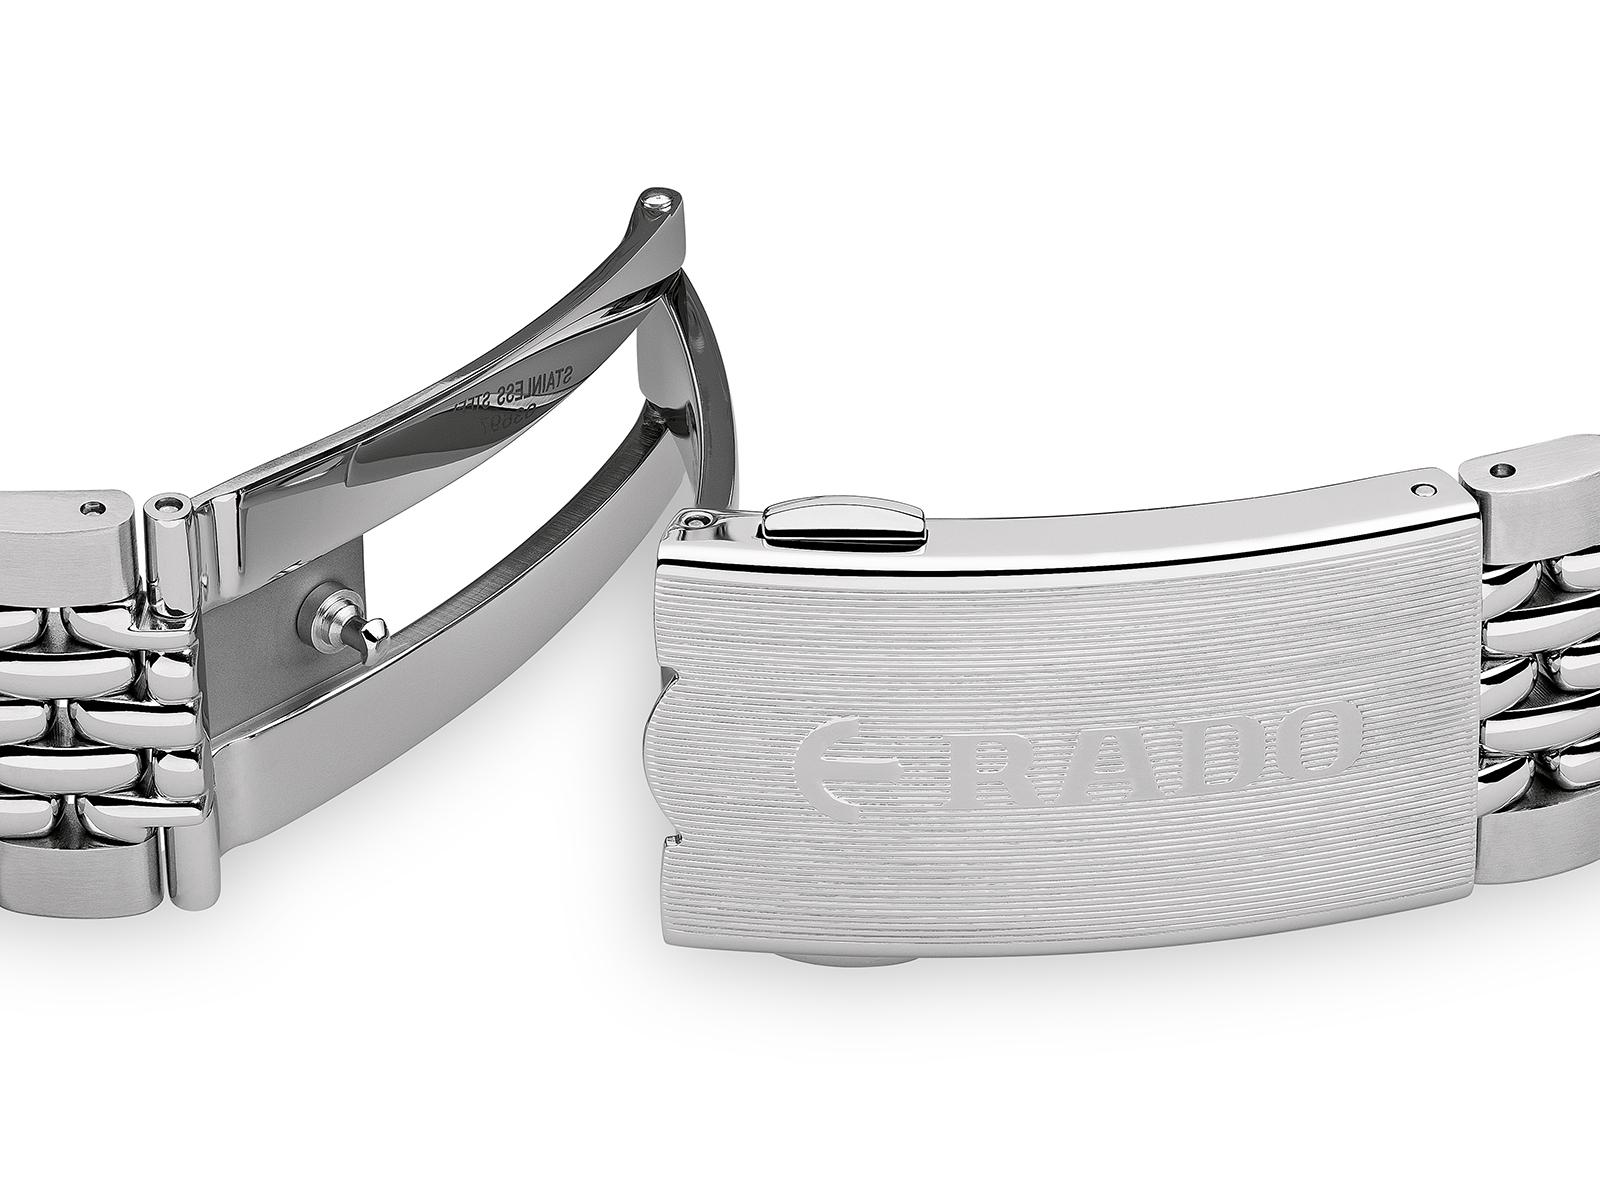 【RADO ラドー】数量限定品/Captain Cook キャプテンクック(ブラック)トラベルケース付き/国内正規品 腕時計